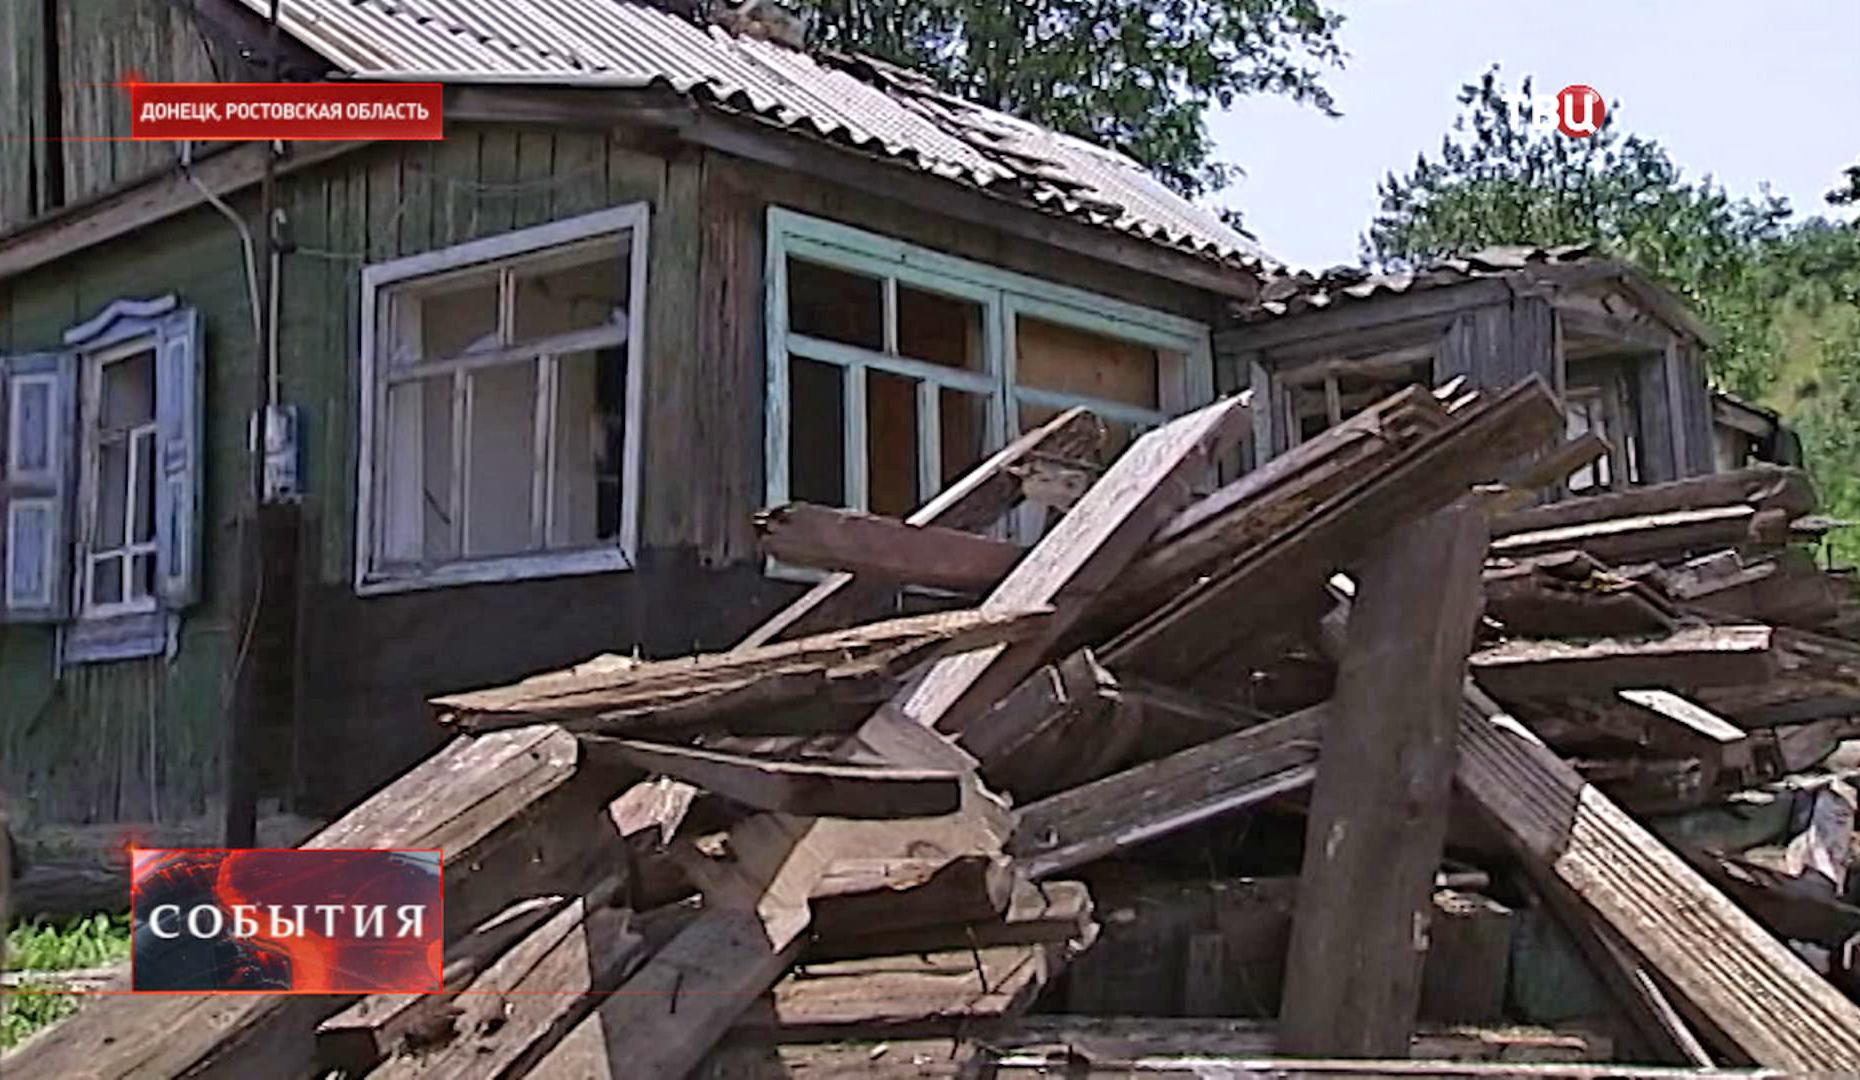 Место обстрела российского Донецка Украинской армией